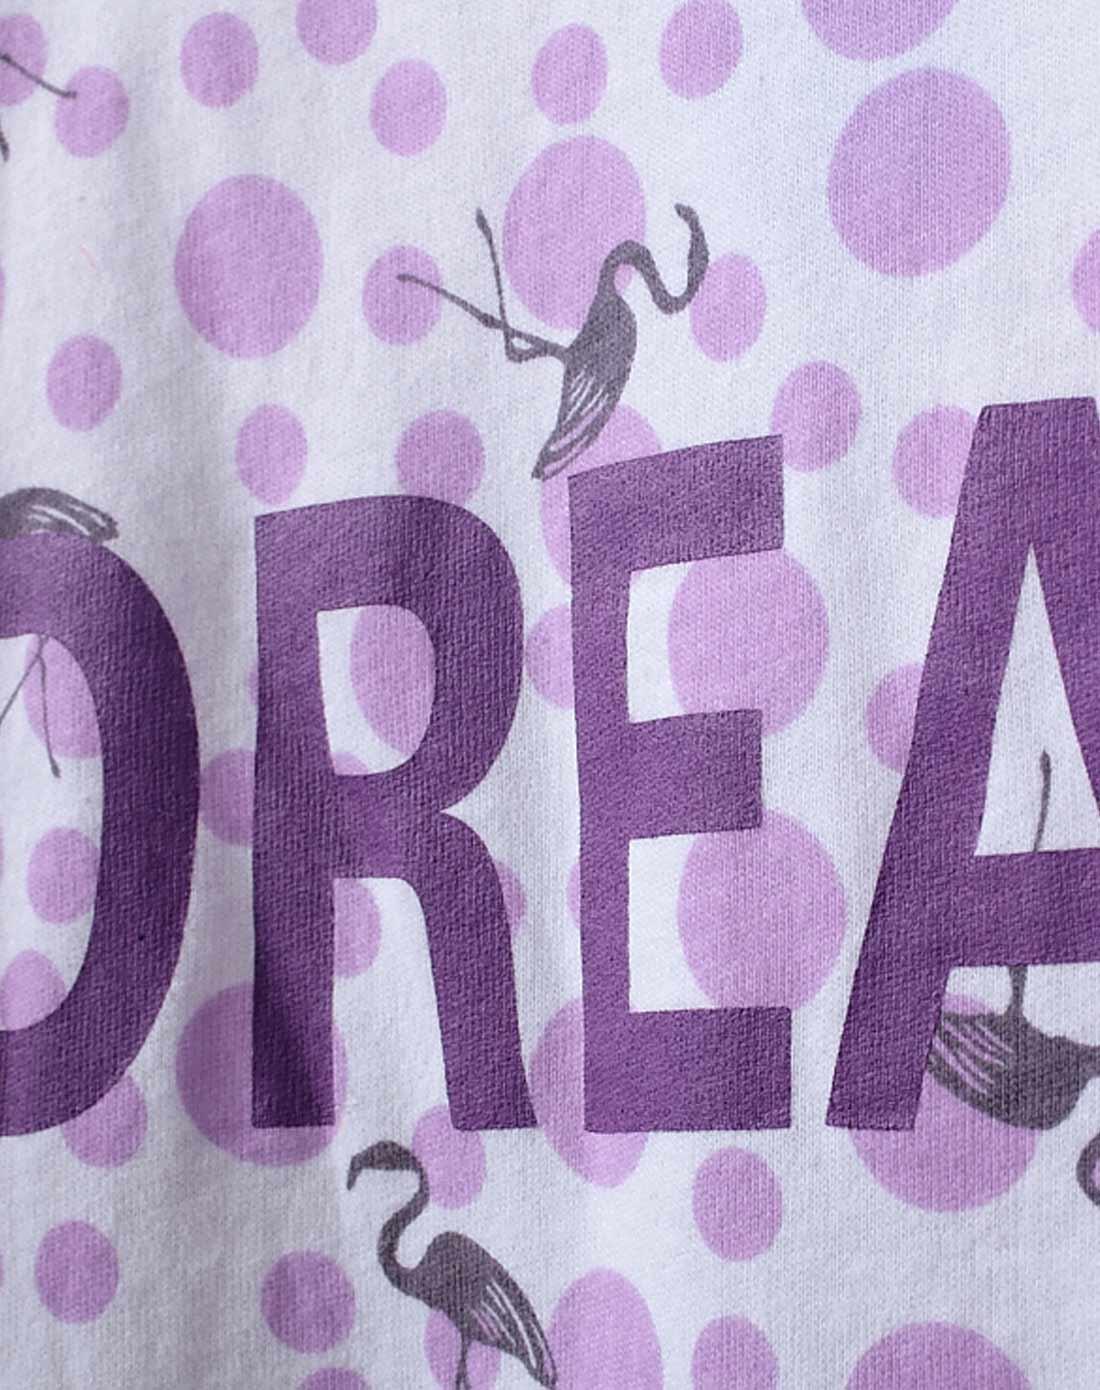 女款白底紫色圆点仙鹤印花长袖套装